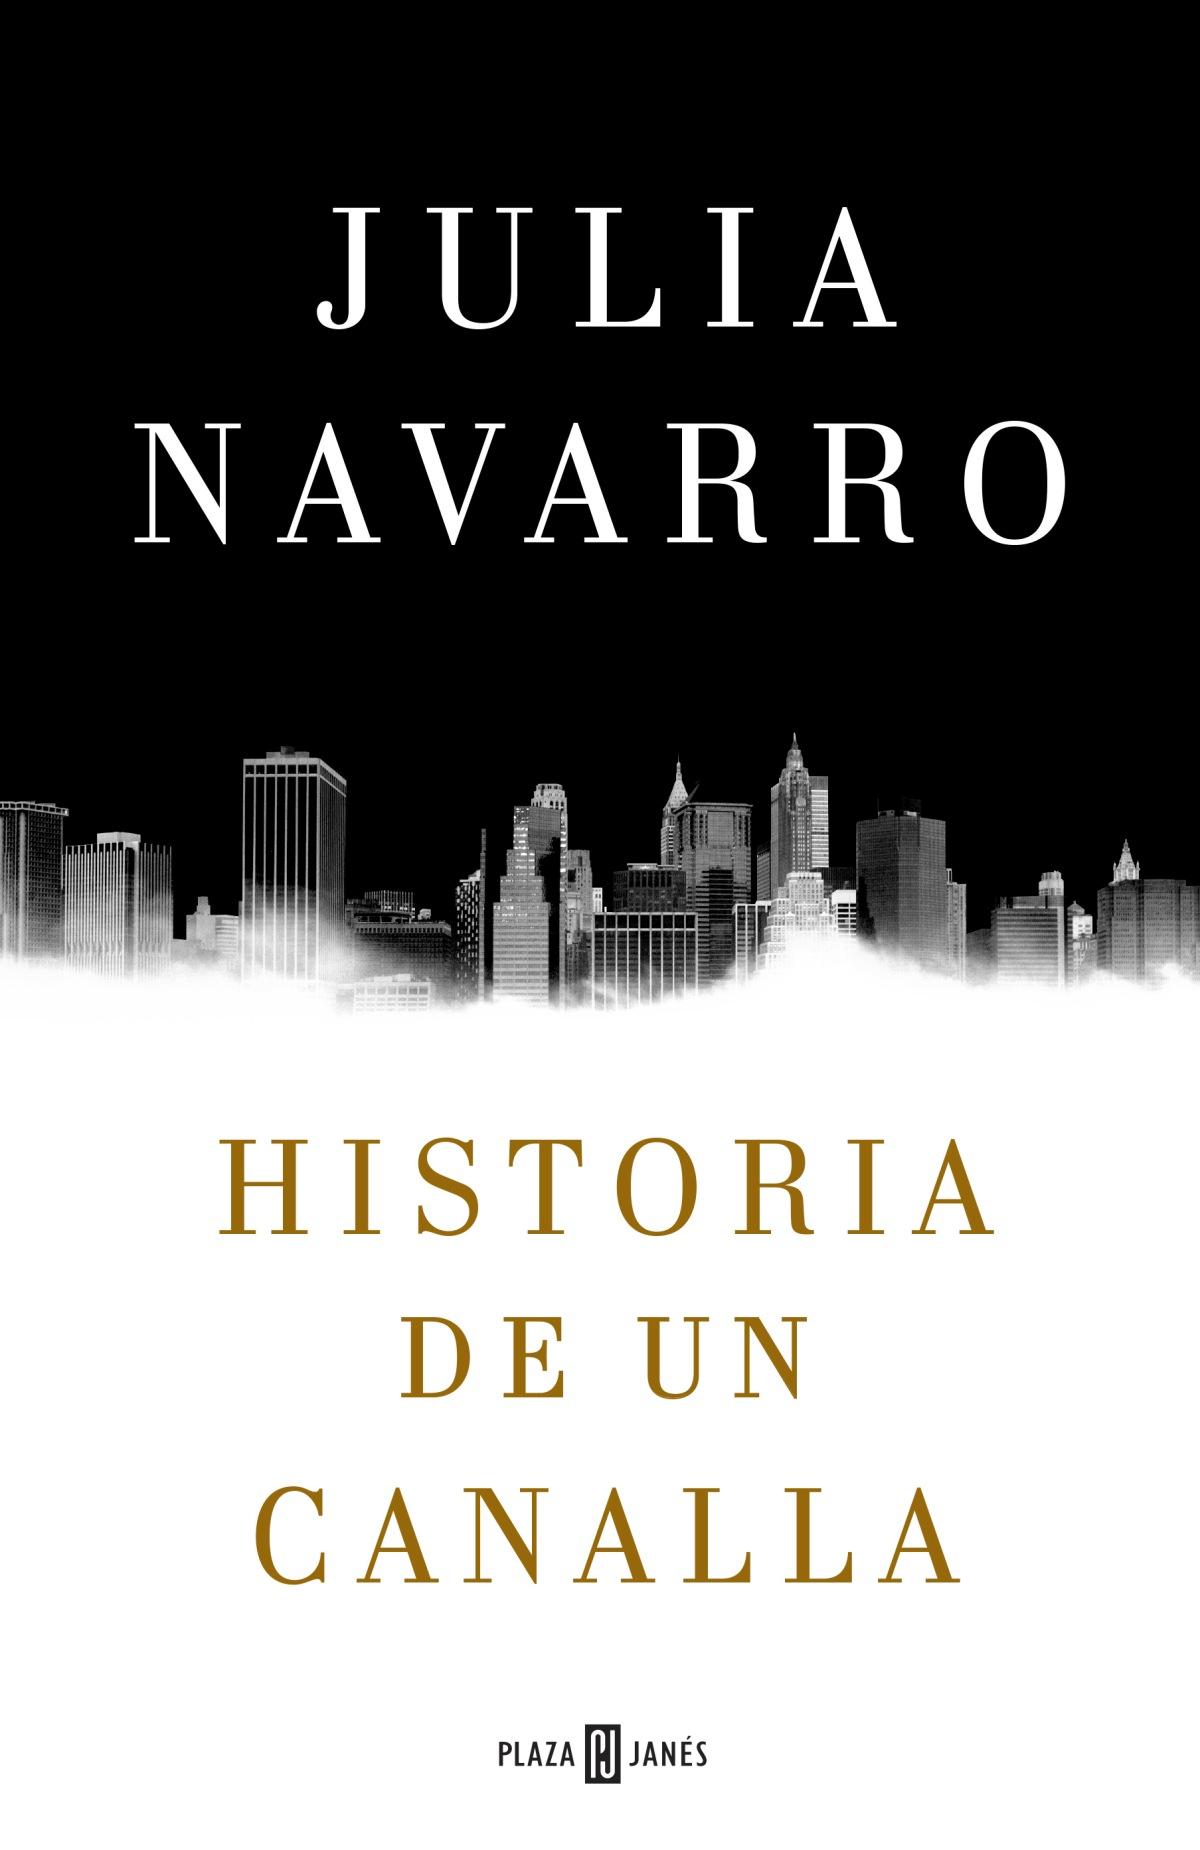 historia-de-un-canalla-julia-navarro-portada